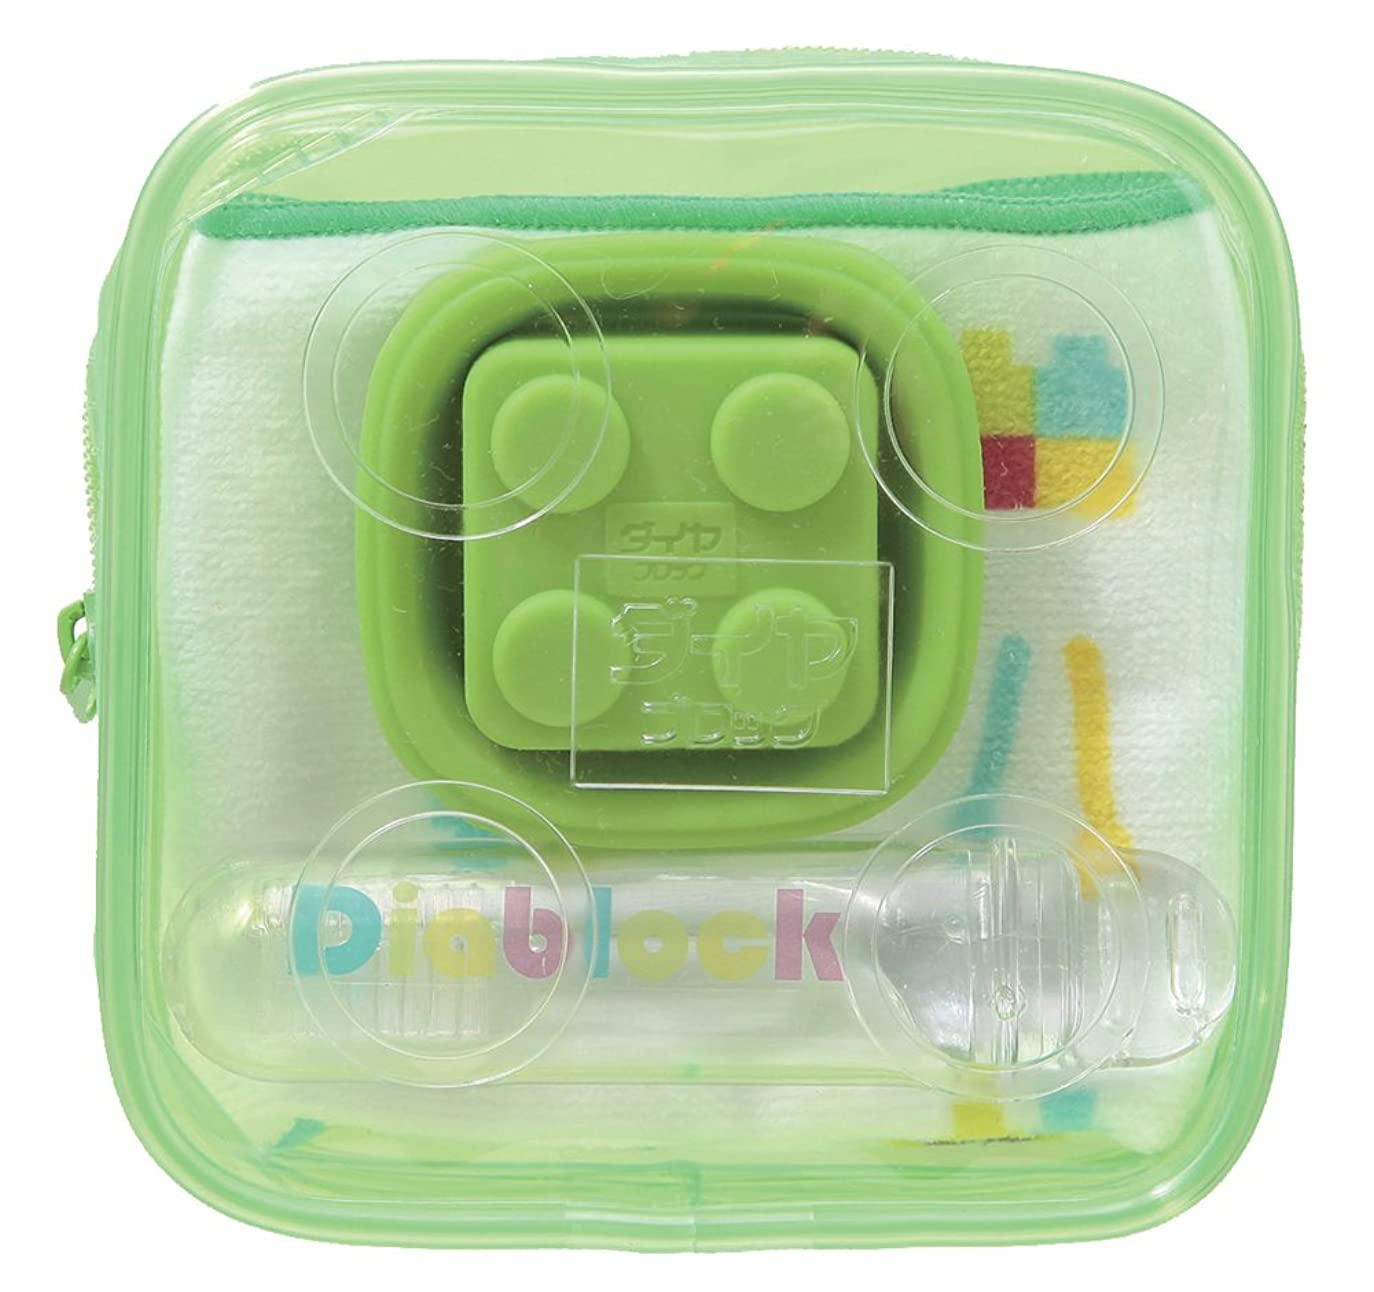 不振母性フォークダイヤブロック 歯ブラシセット タオル付き グリーン DTRS-120 G